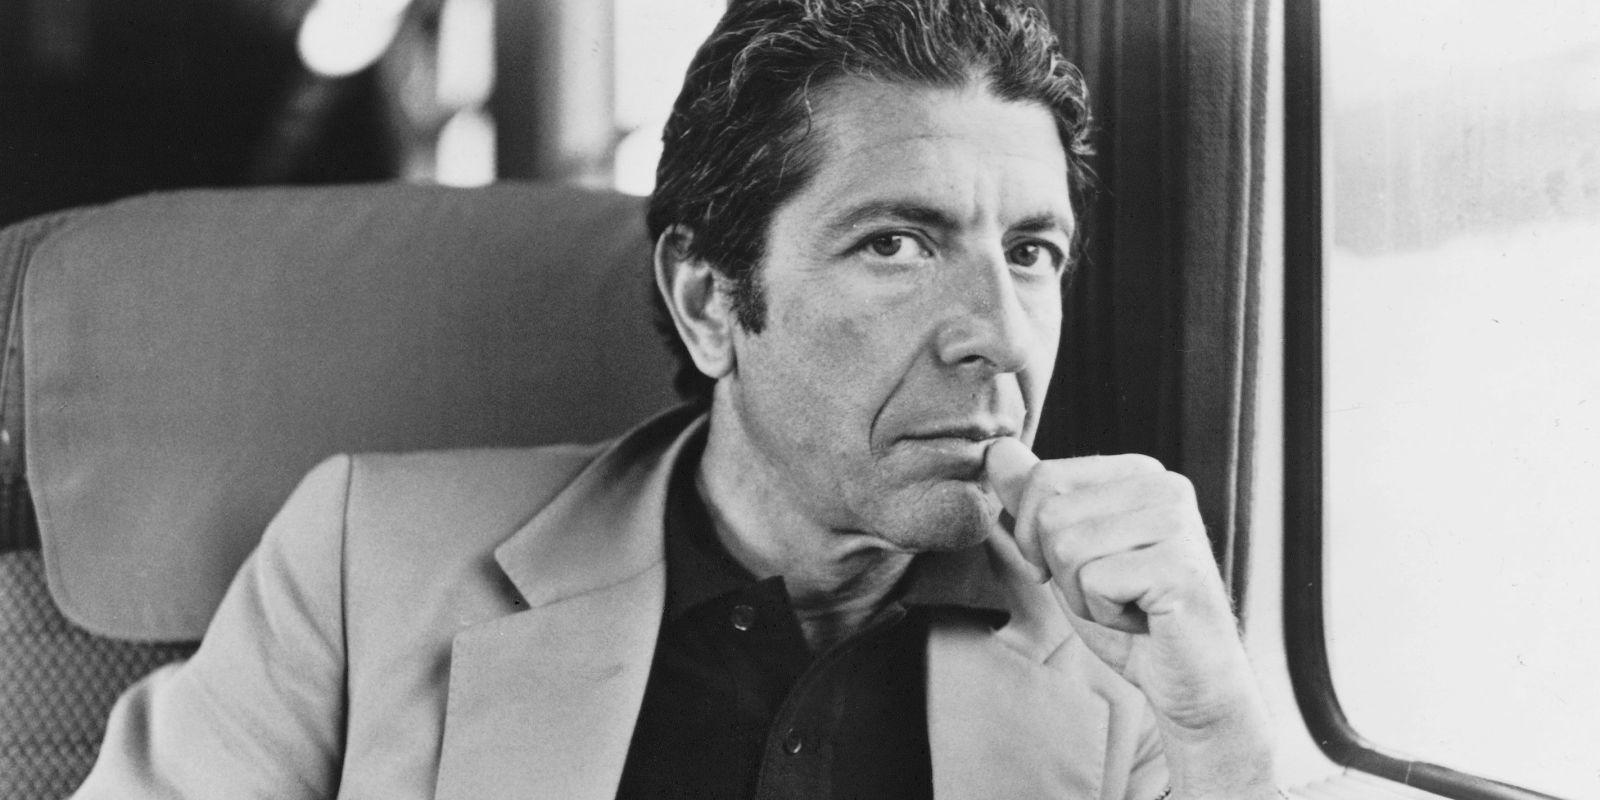 Leonard Cohen ha muerto. La poesía ha muerto. Y Donald Trump es el hombre más poderoso del mundo.